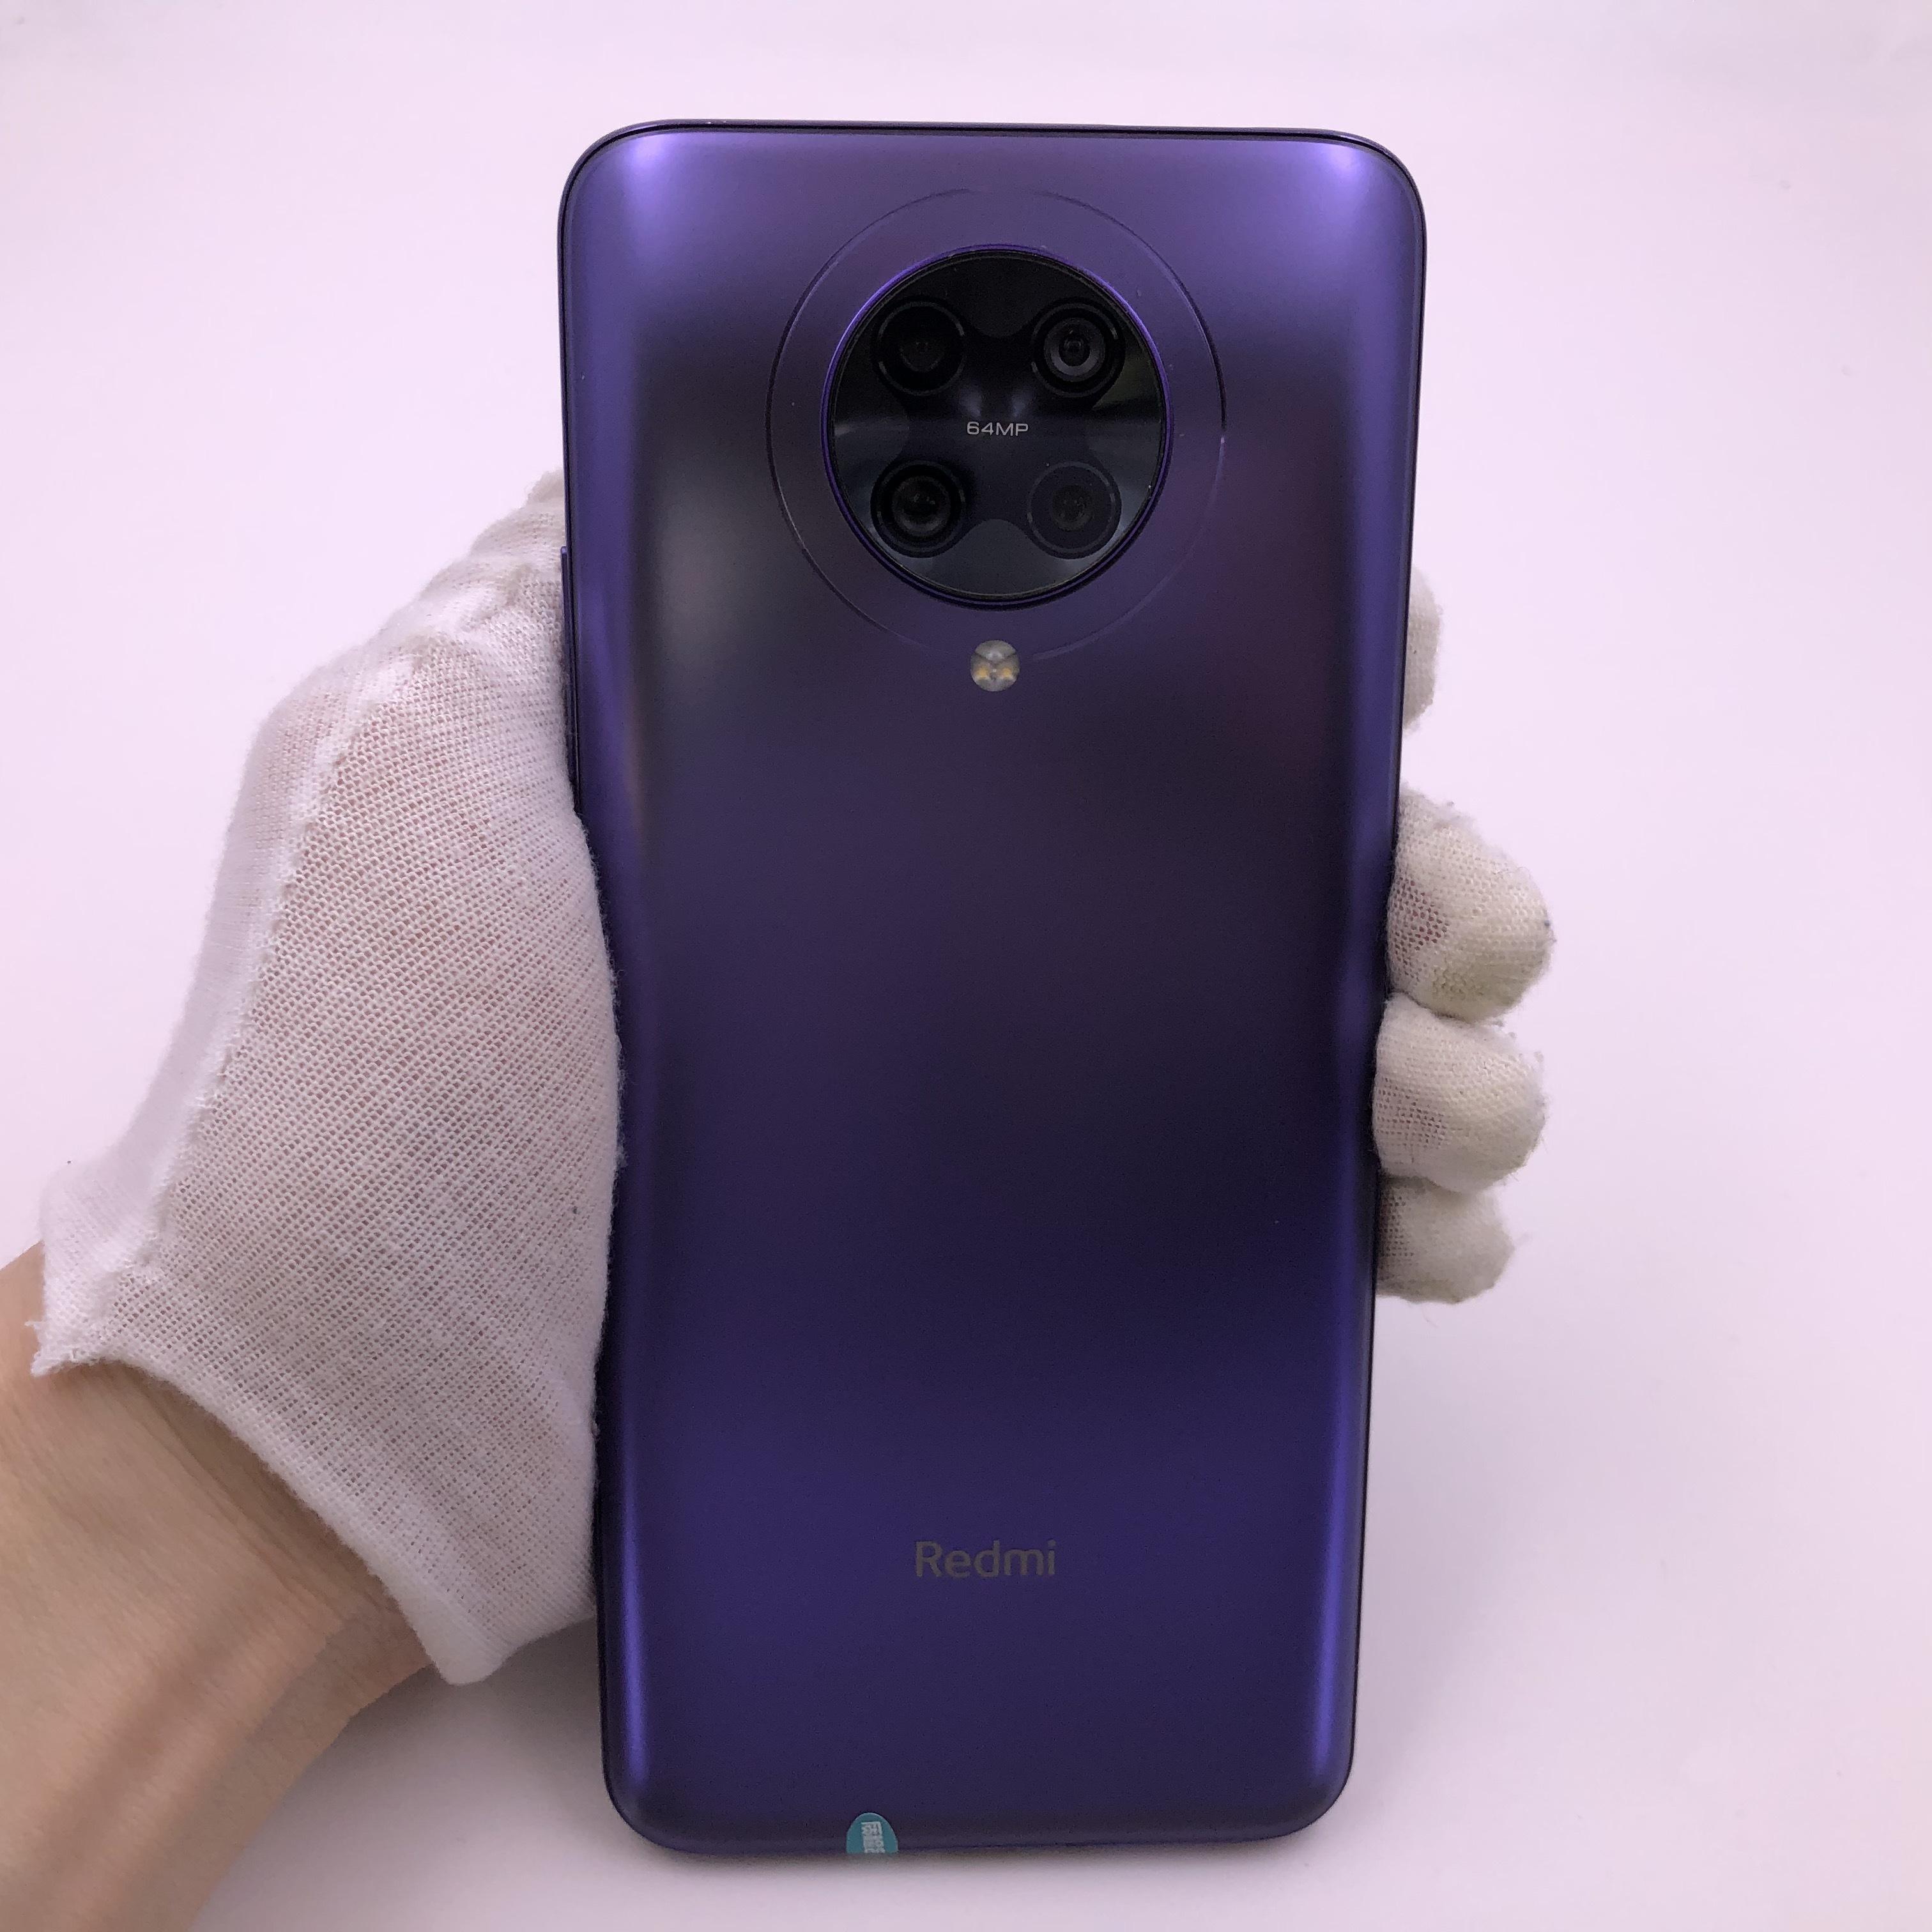 小米【Redmi k30 Pro 5G】5G全网通 星环紫 8G/128G 国行 8成新